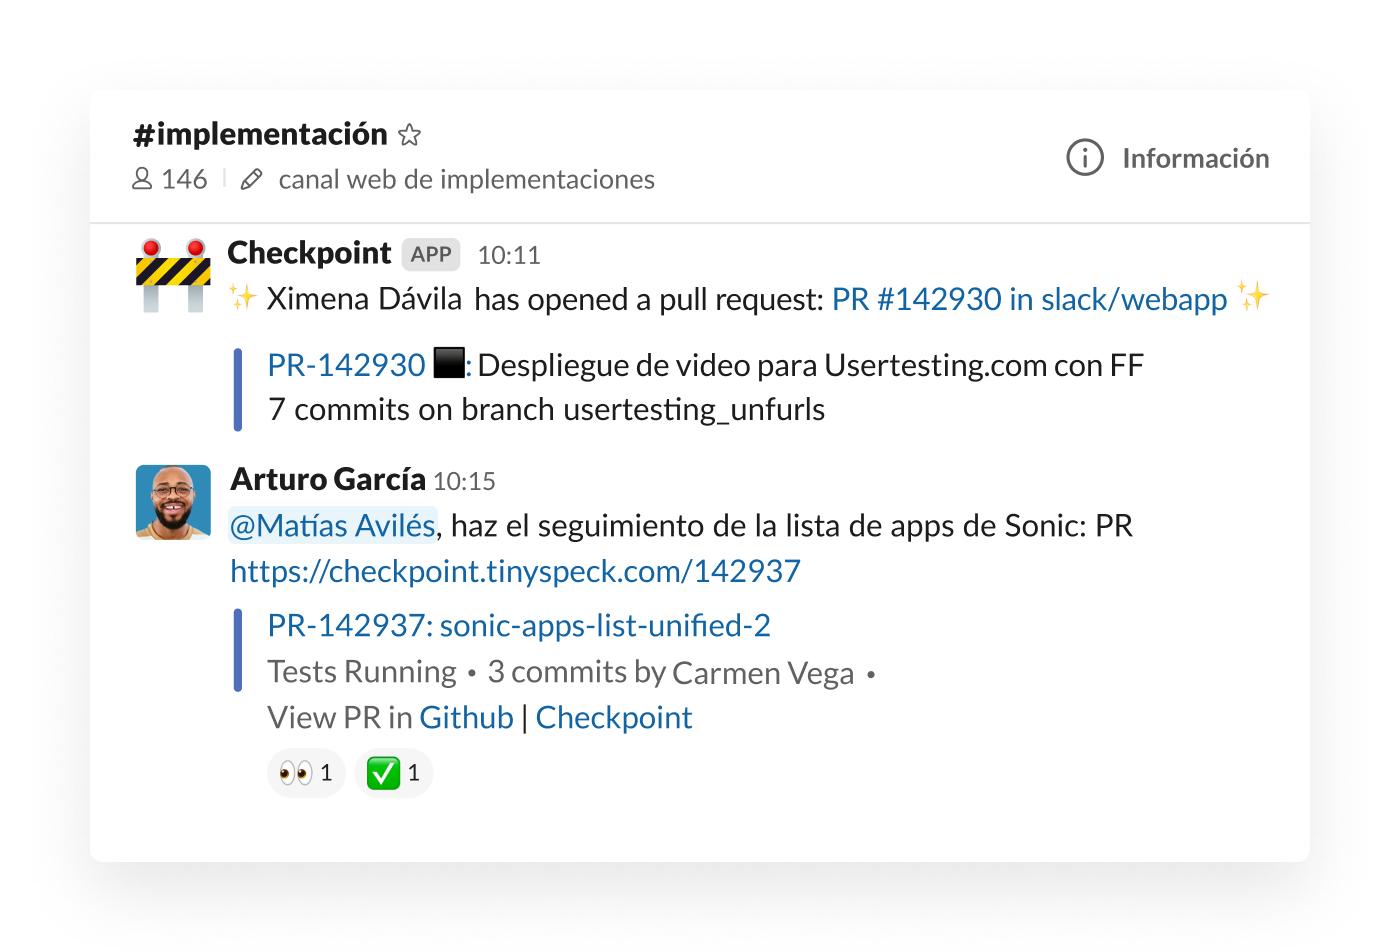 Integración de checkpoint en solicitud pull de publicación de Slack en canal